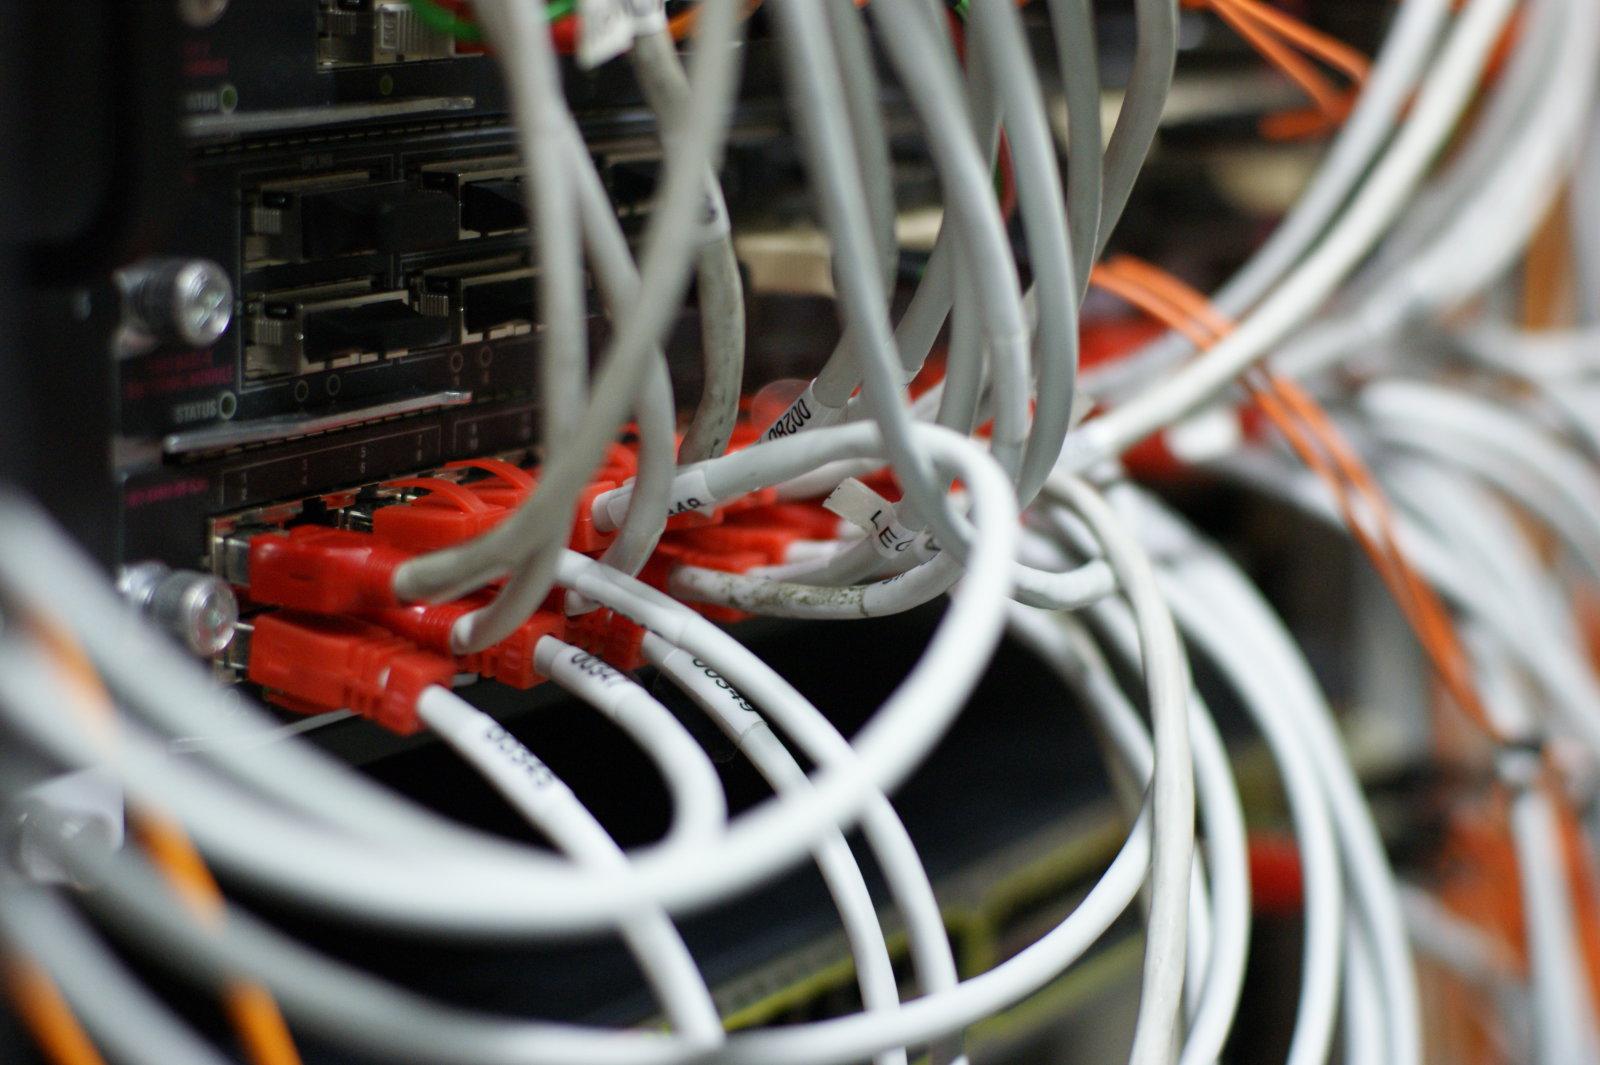 Un error de un servidor deja ver datos personales de muchas webs populares